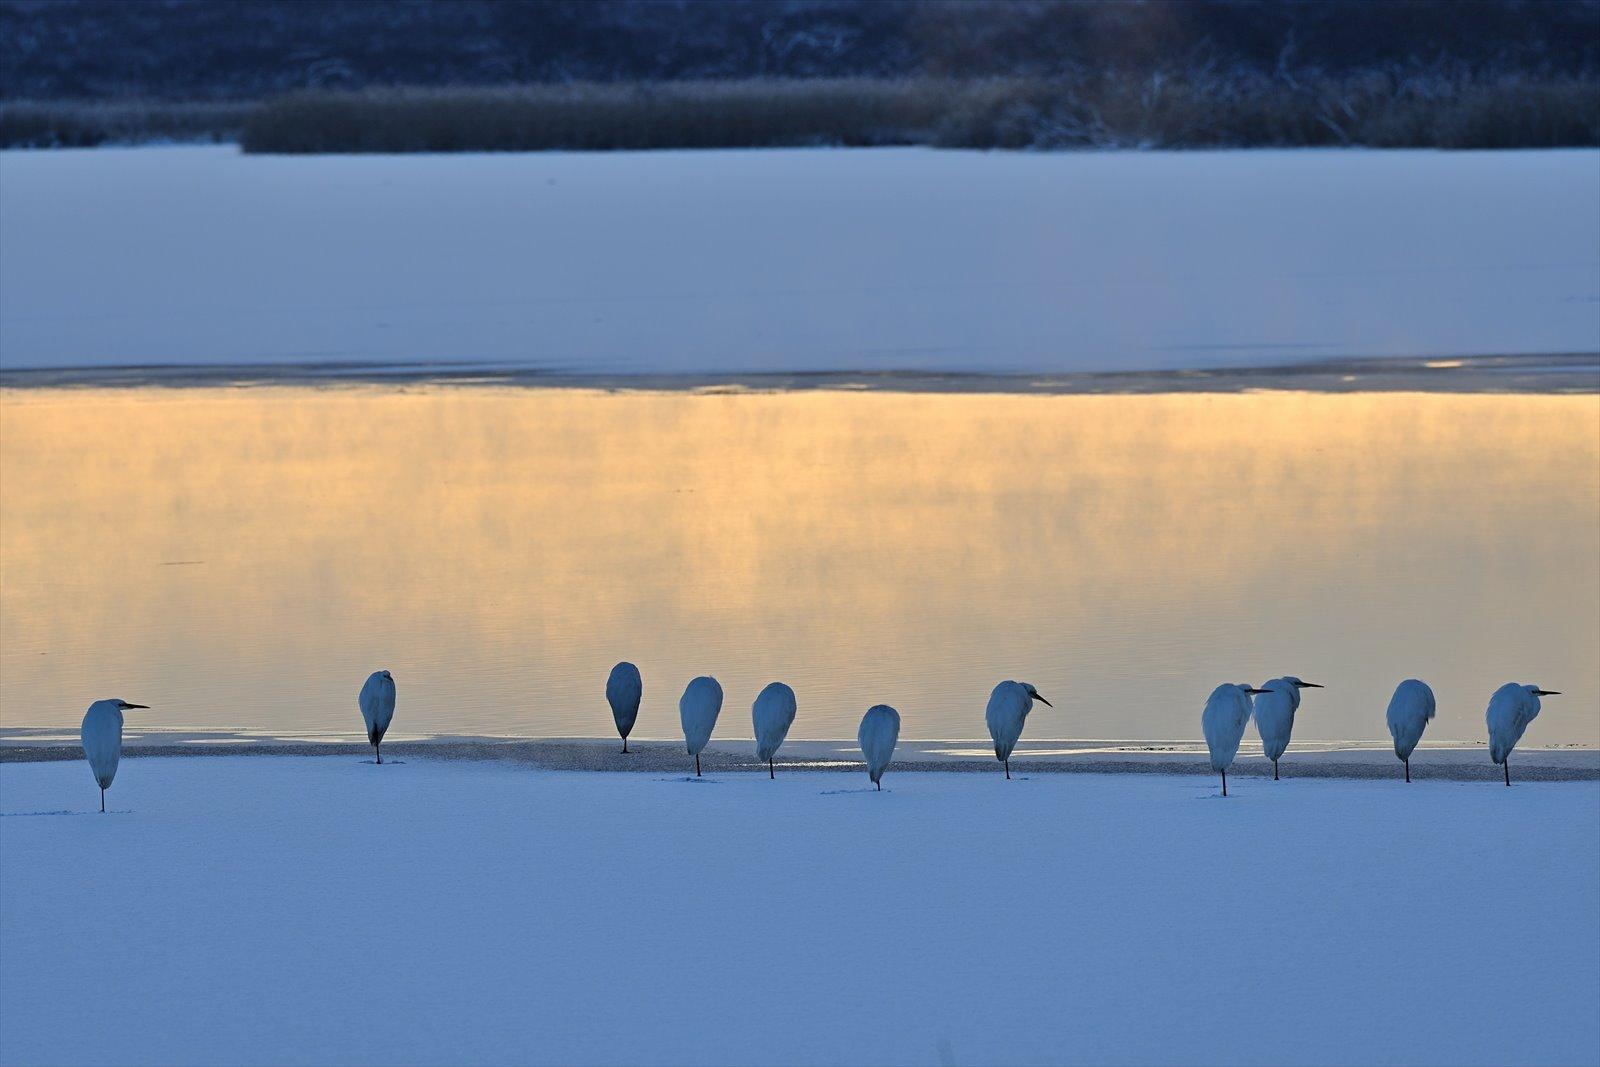 凍るウトナイ湖_a0145819_12144263.jpg